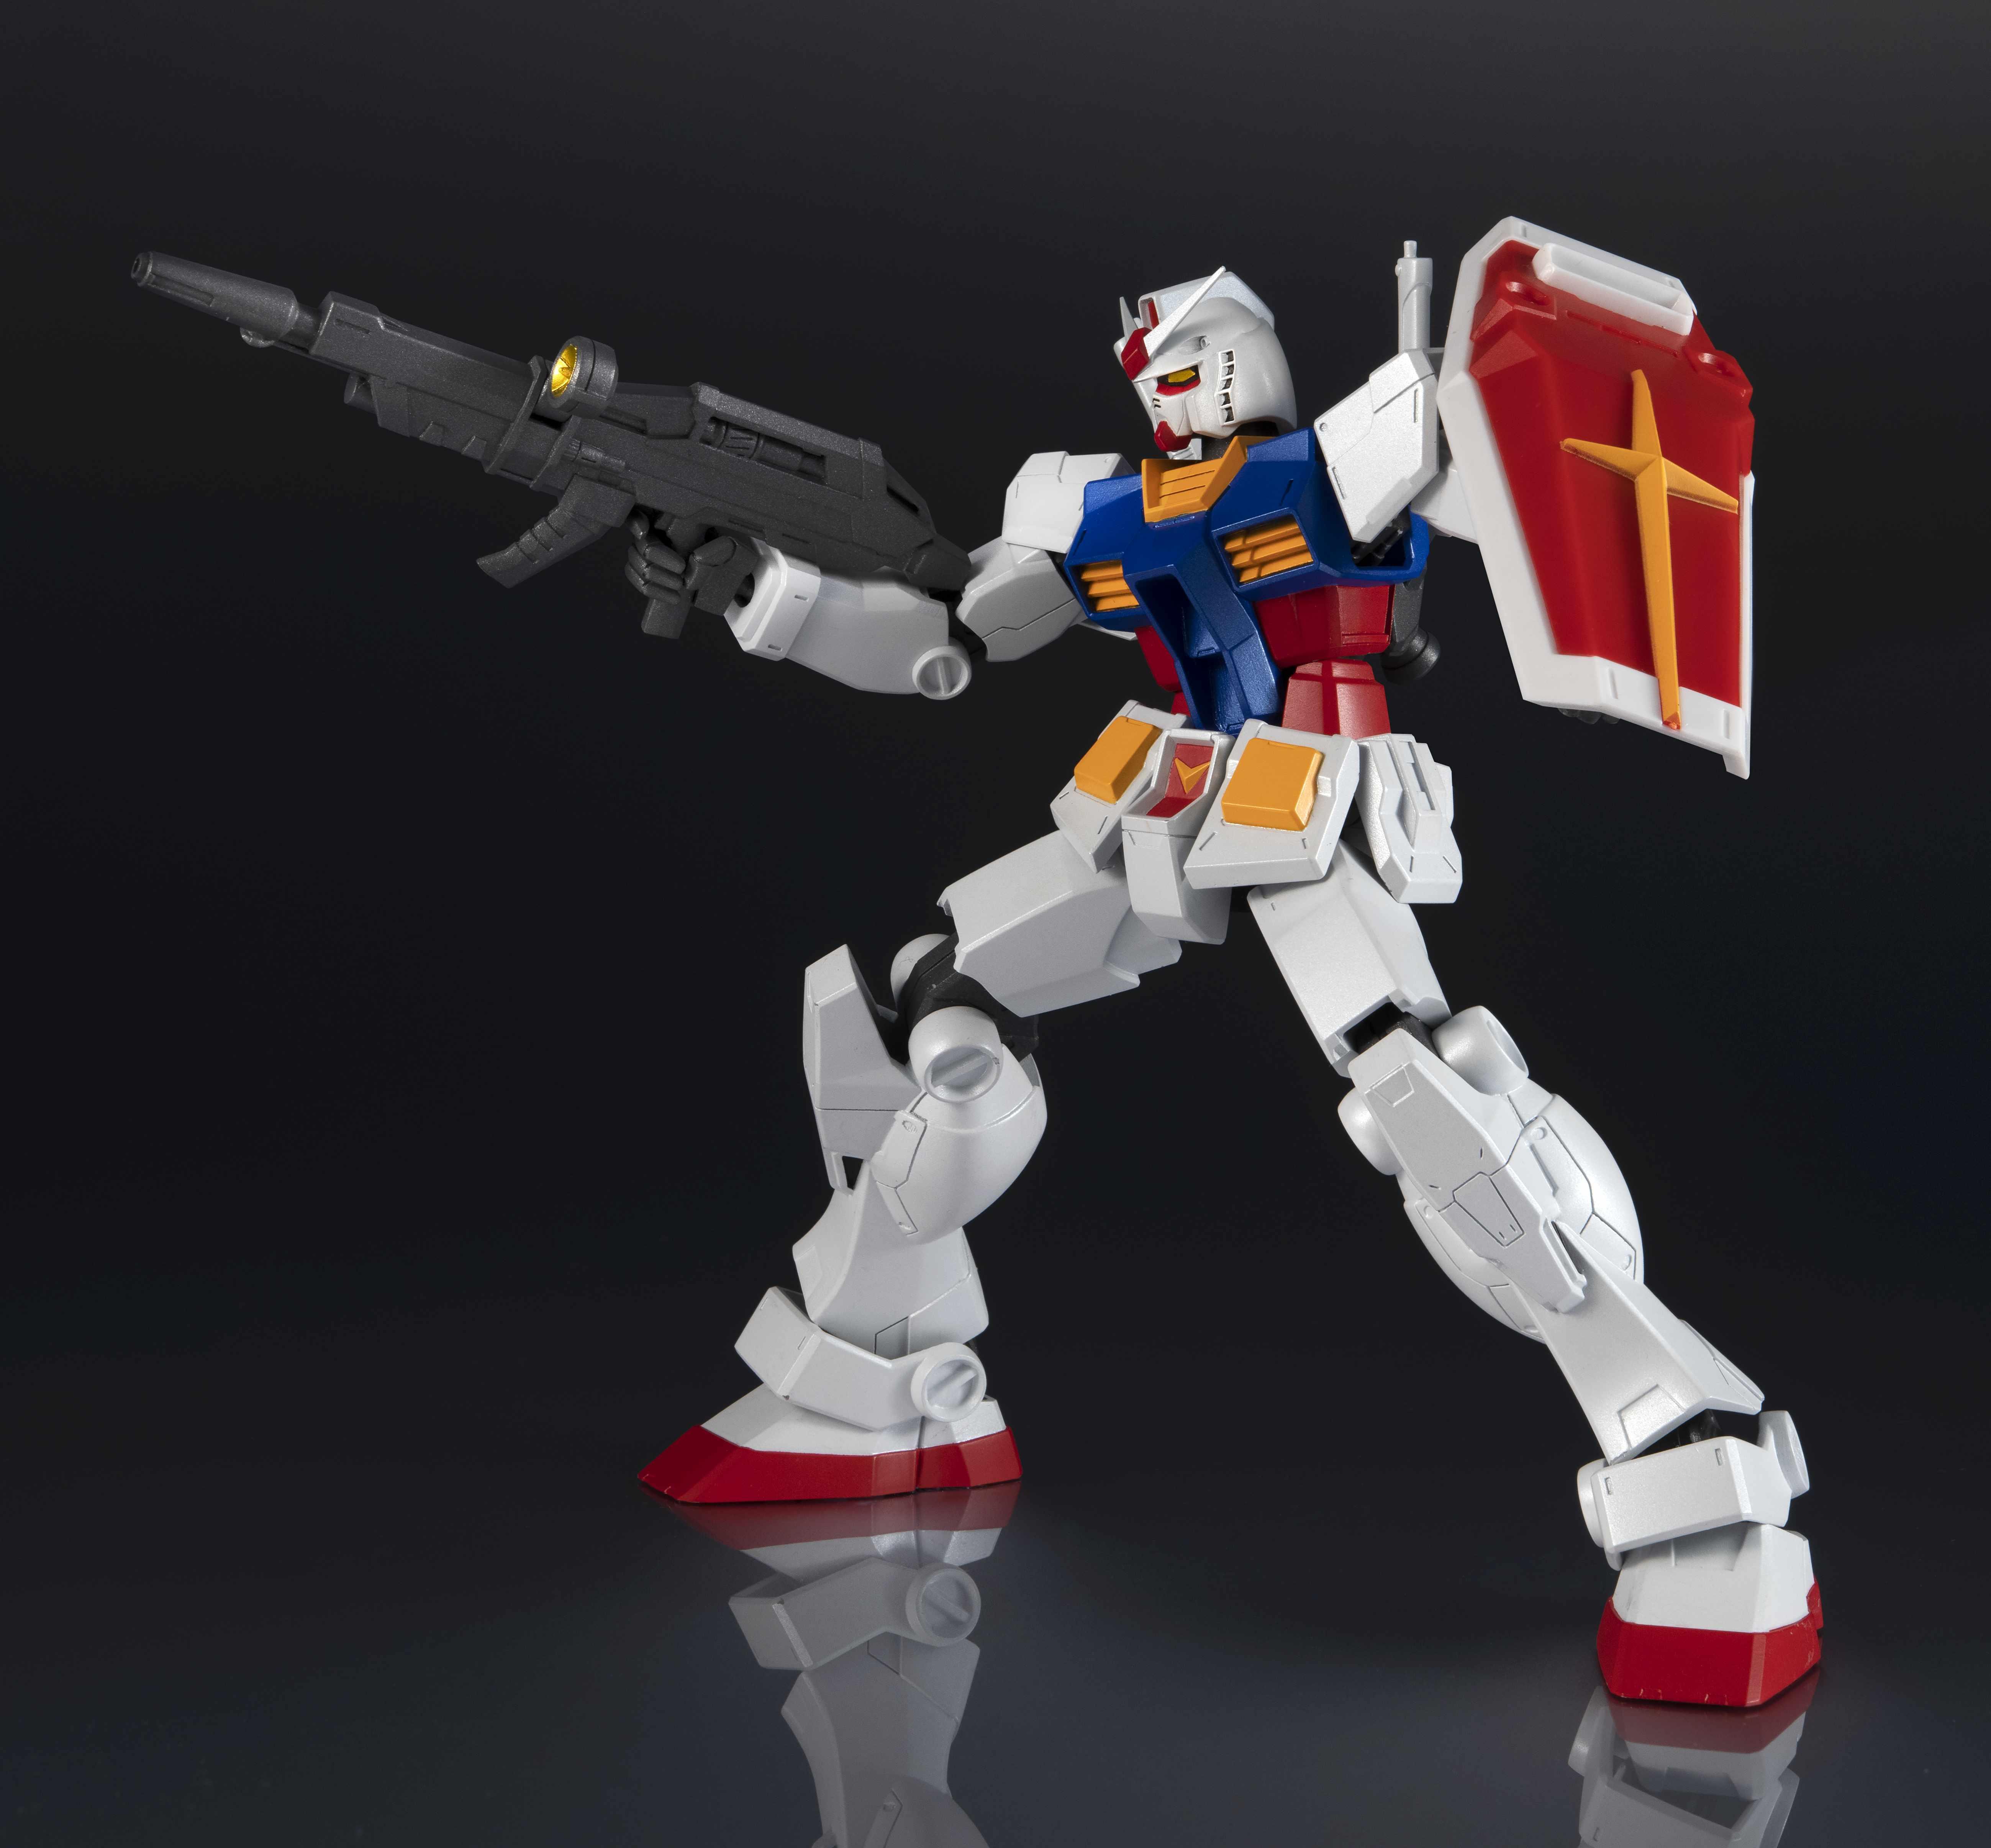 New Gundam figure series GUNDAM UNIVERSE starts Smartphone 5197x4824